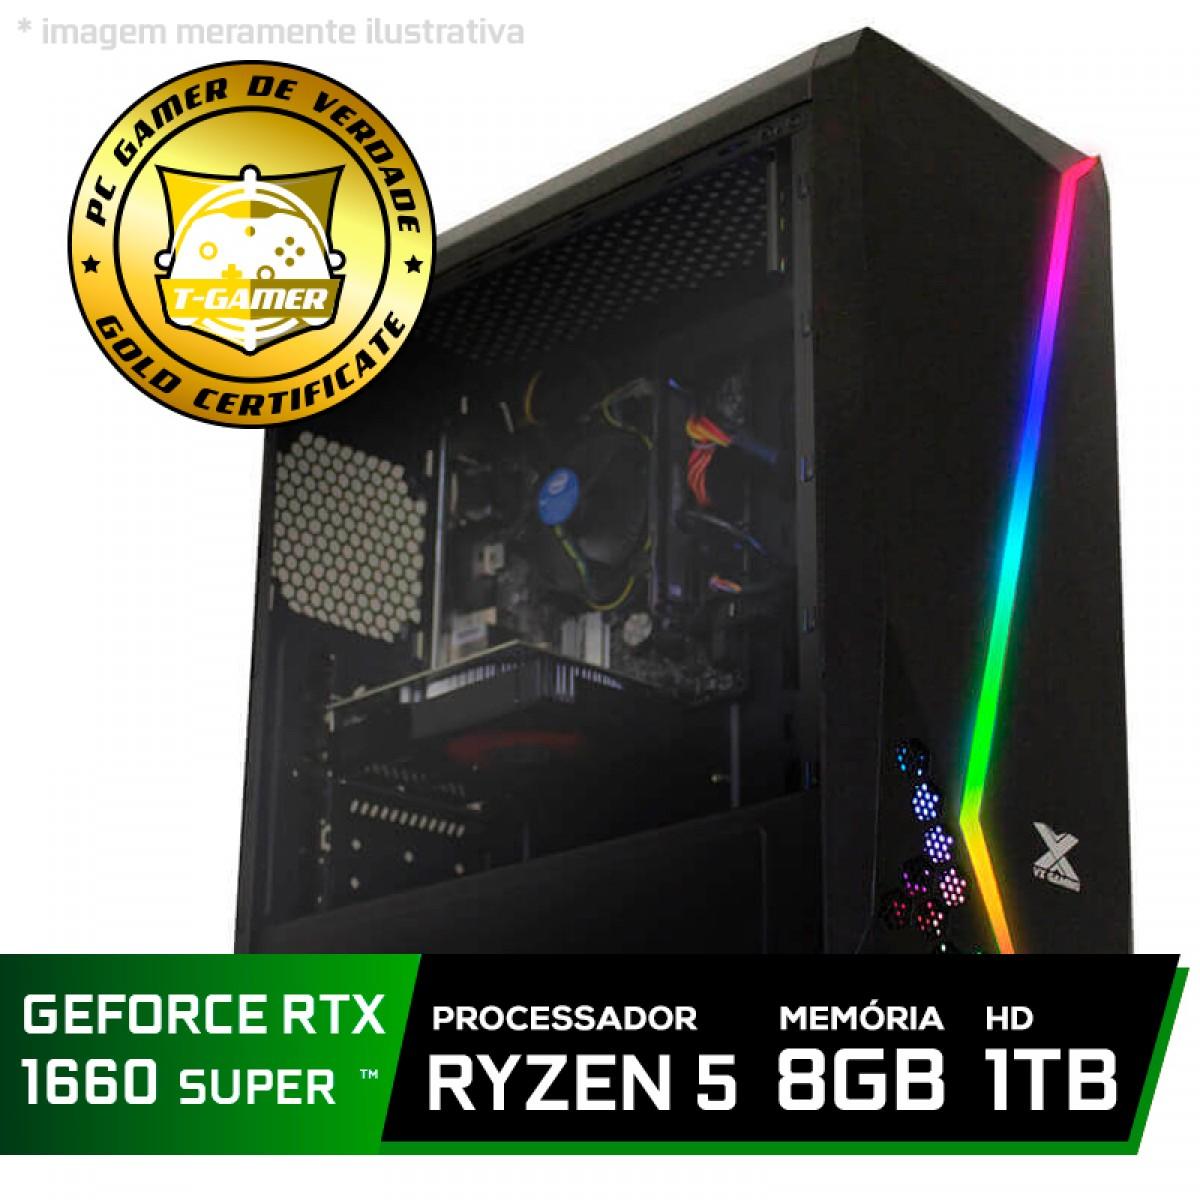 Pc Gamer Tera Edition Amd Ryzen 5 2600 / GeForce GTX 1660 Super 6GB / DDR4 8Gb / HD 1TB / 500W